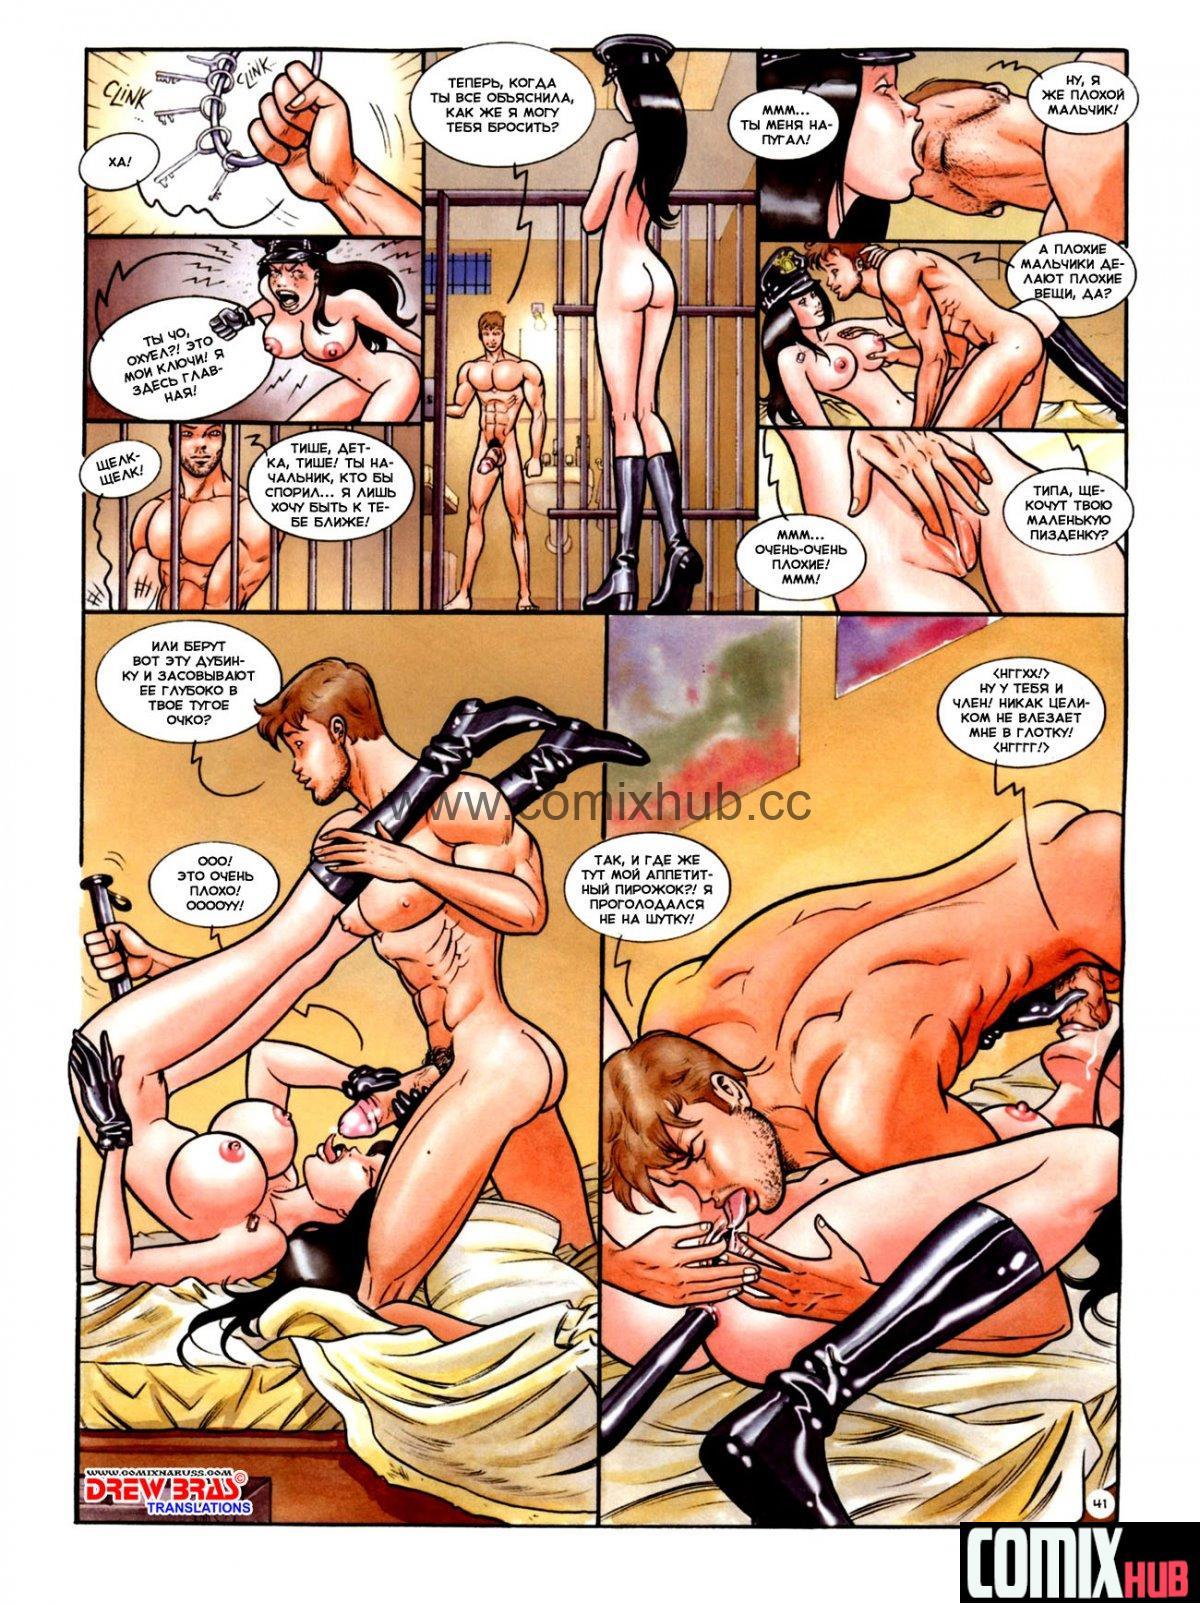 Порно комикс, Вечеринка в пижамах Порно комиксы, Групповой секс, Лесбиянки, Мастурбация, Минет, Фемдом